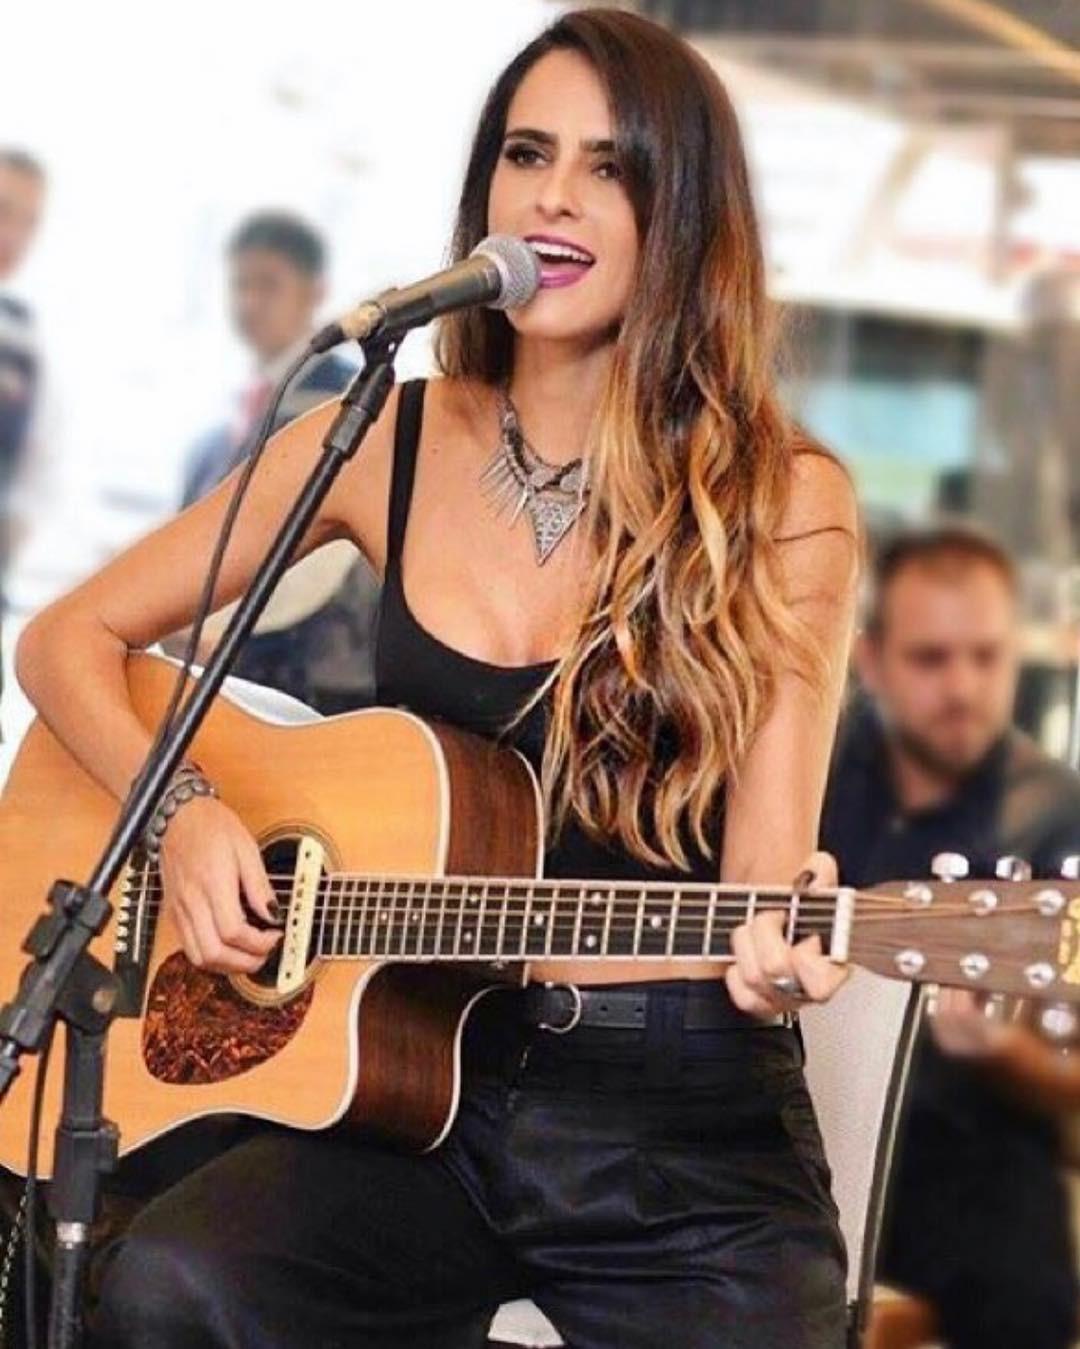 Marcella Fogaça (Foto: Reprodução / Instagram)